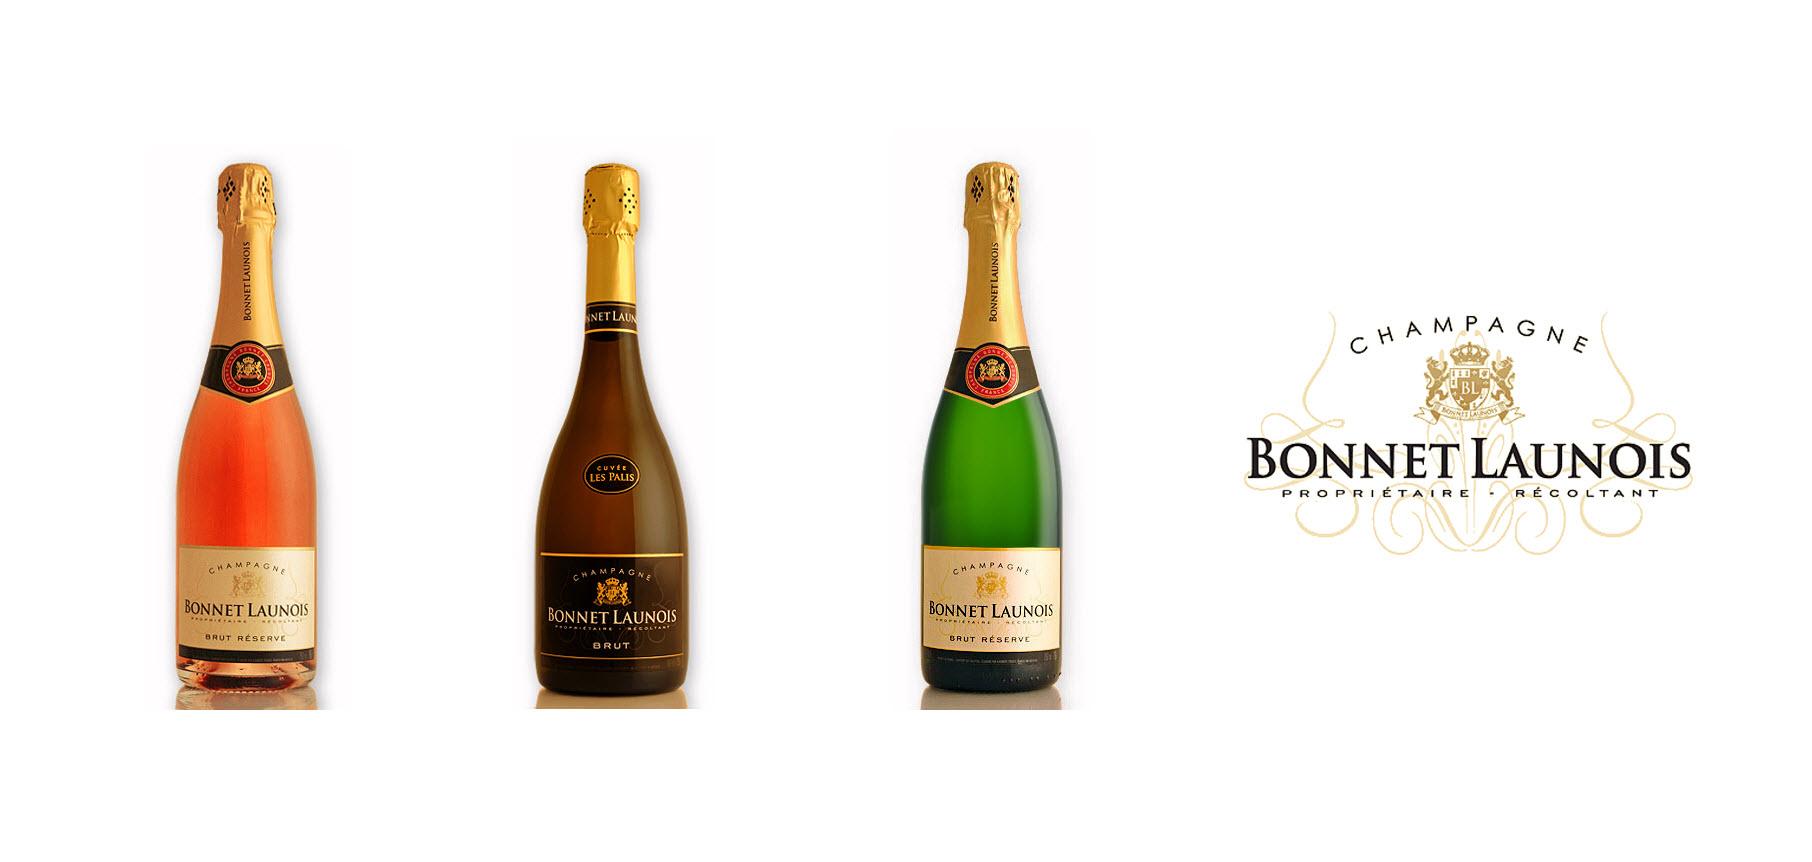 Champagne Bonnet-Launois